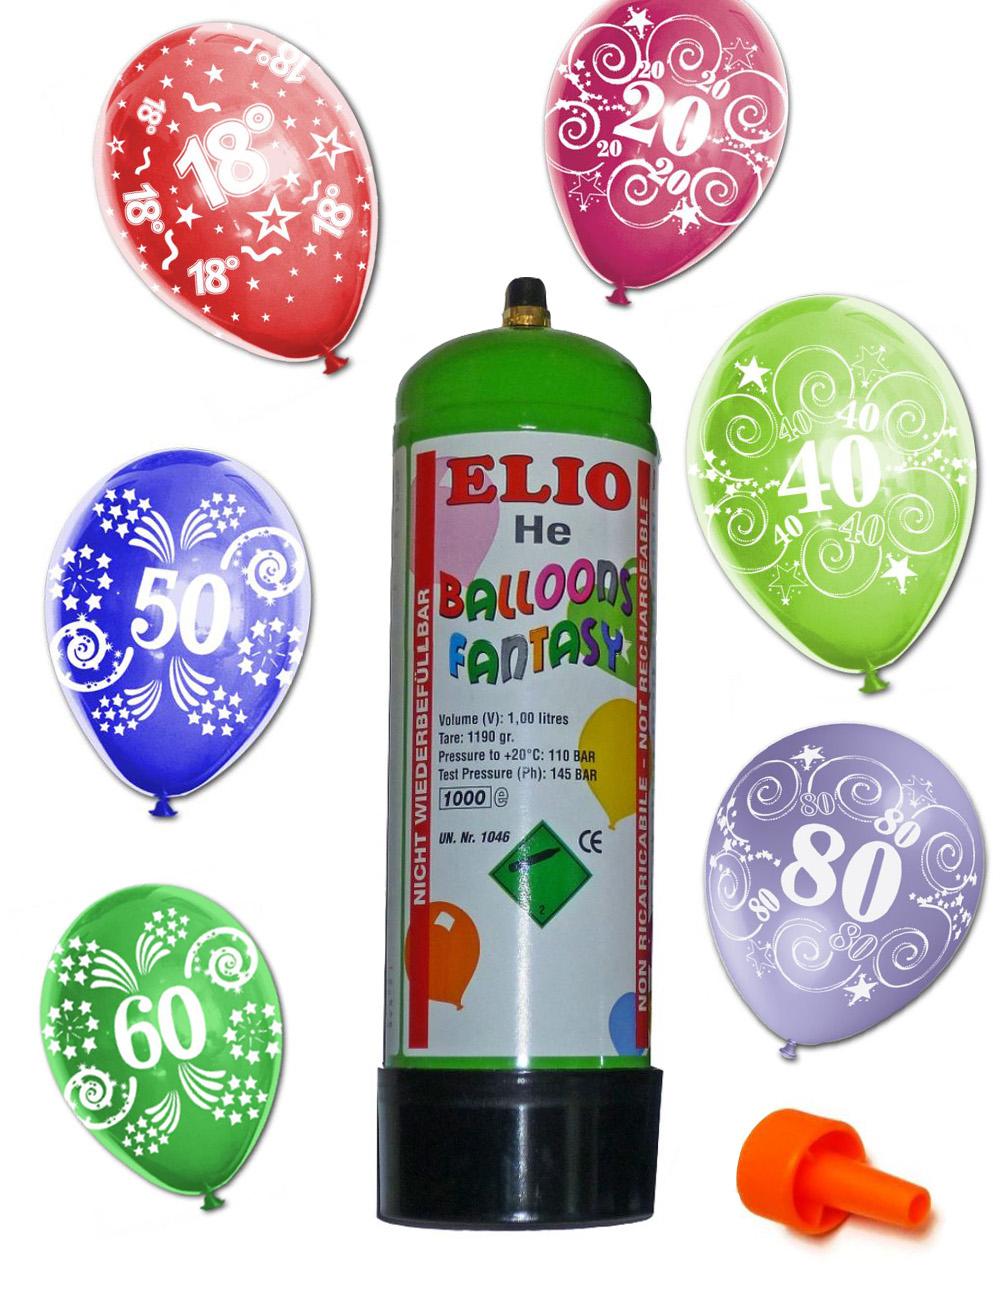 Luftballons zum geburtstag steigen lassen